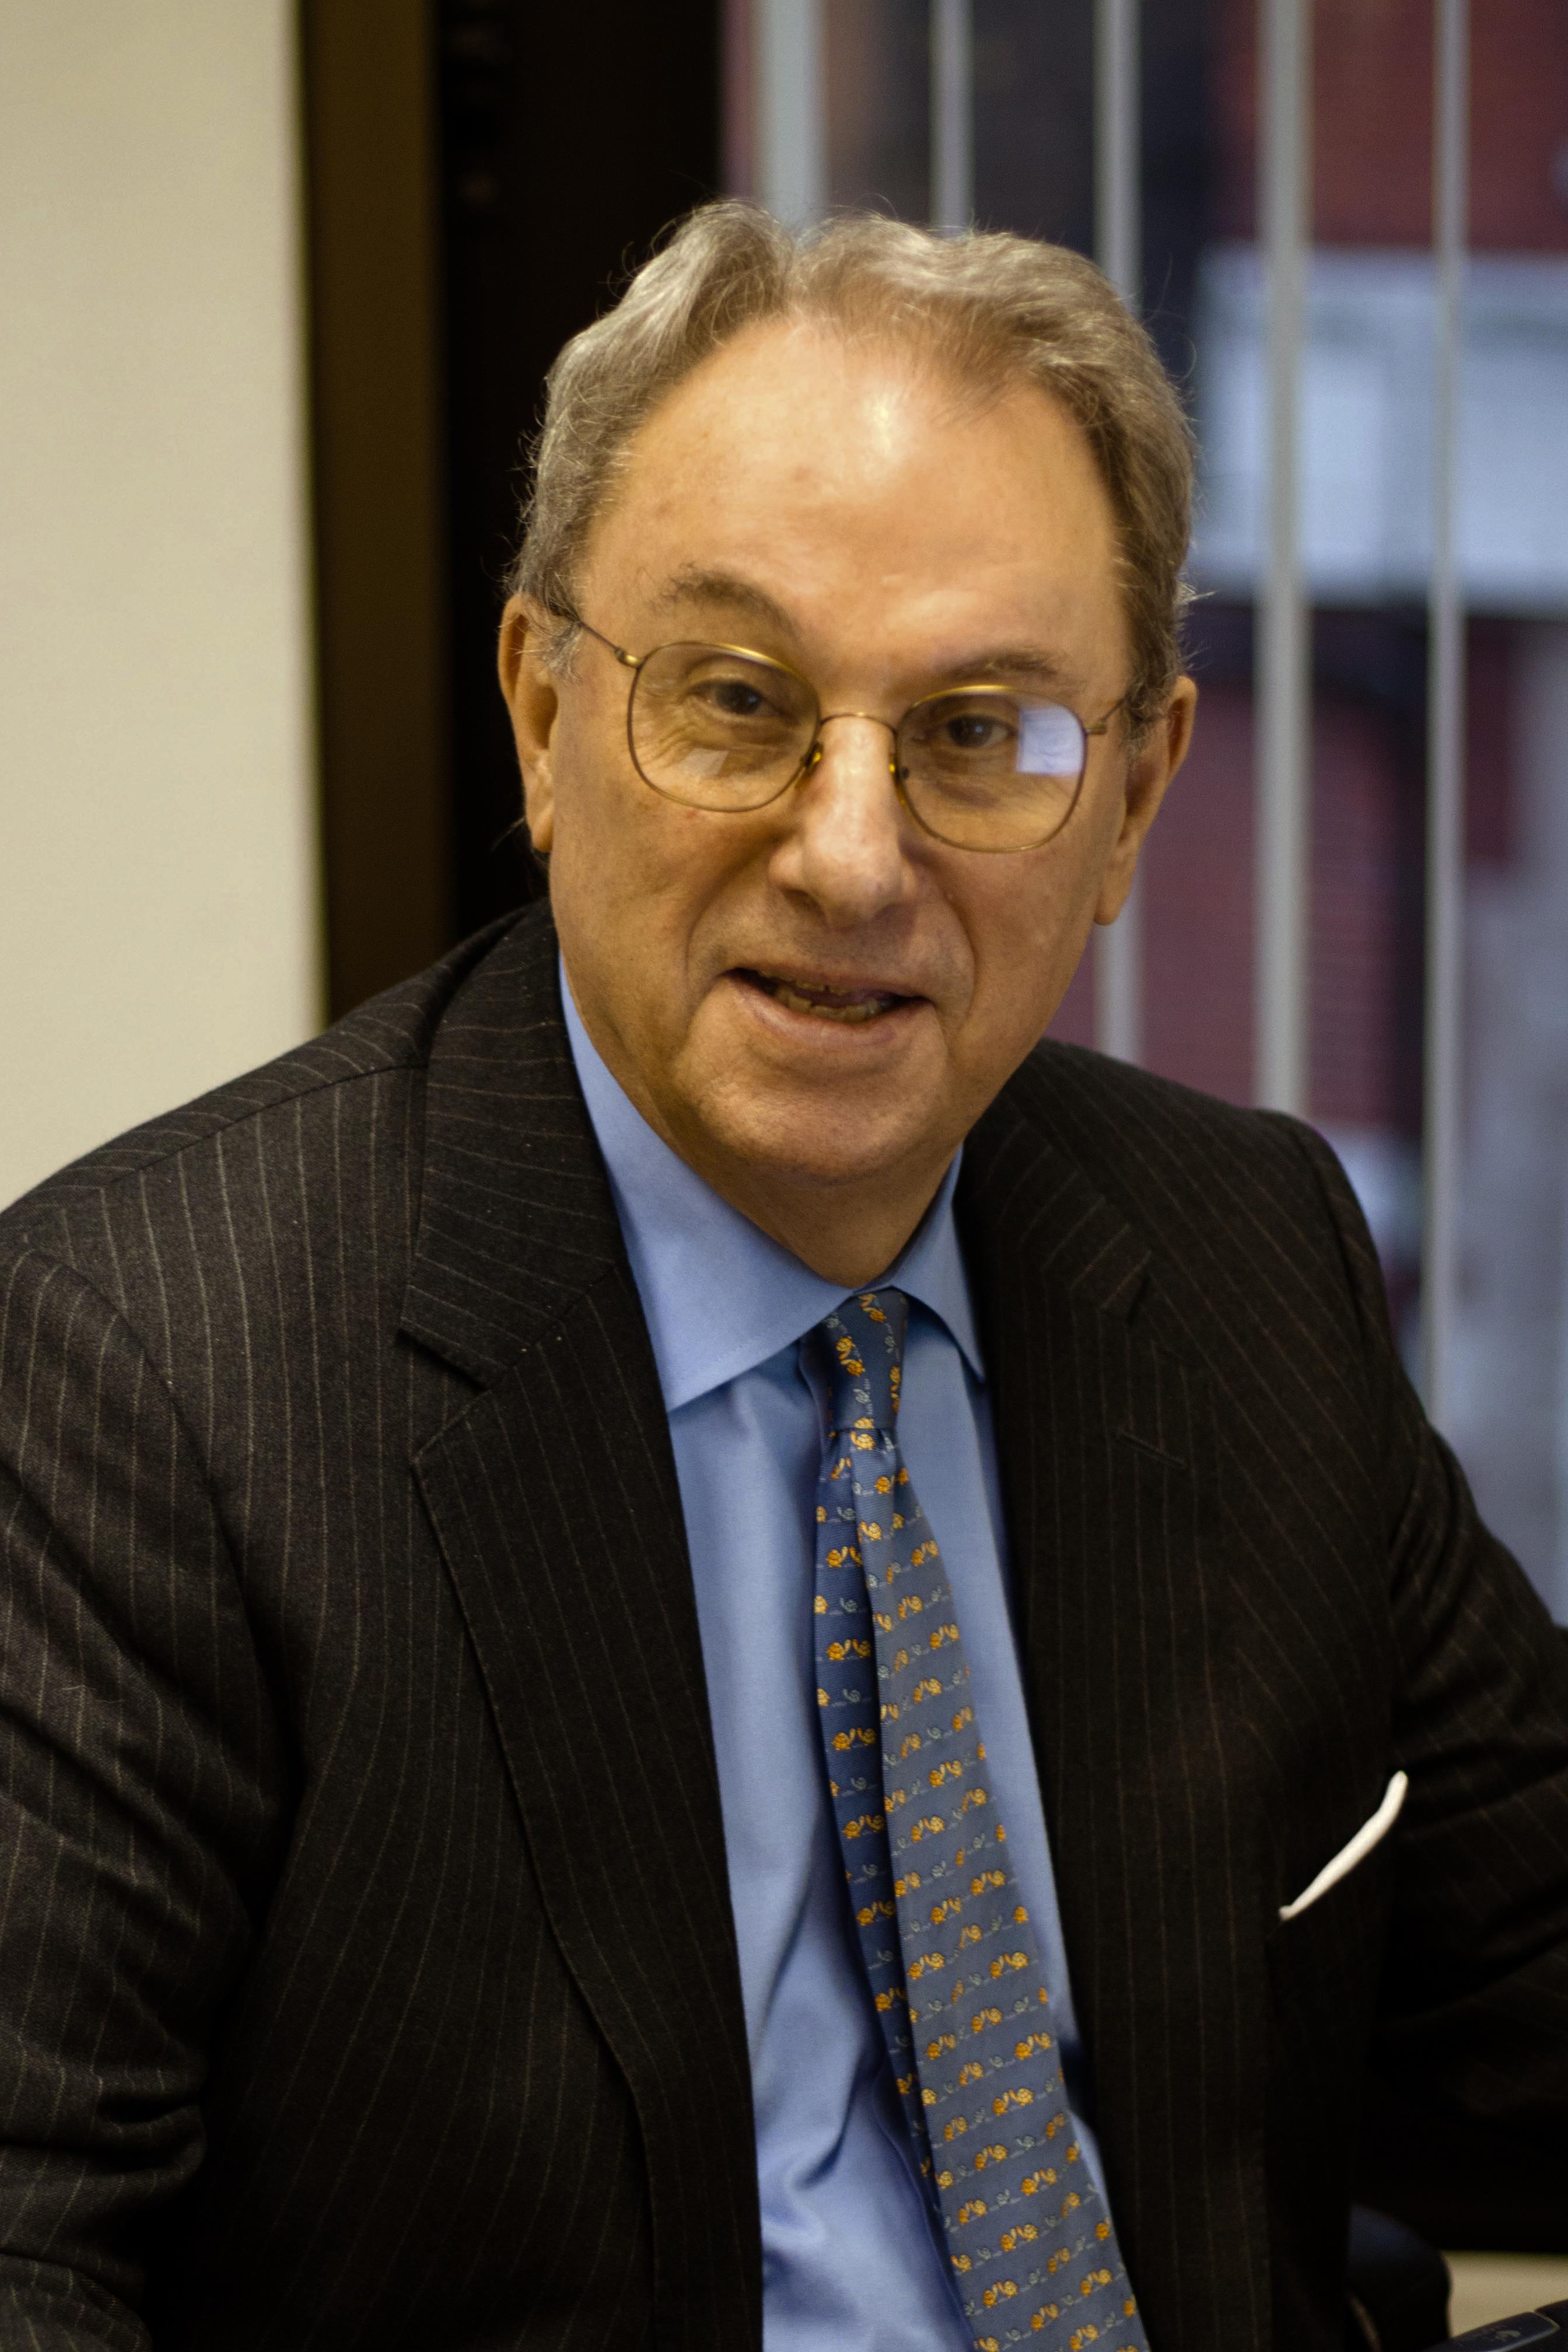 Andrew Smithers